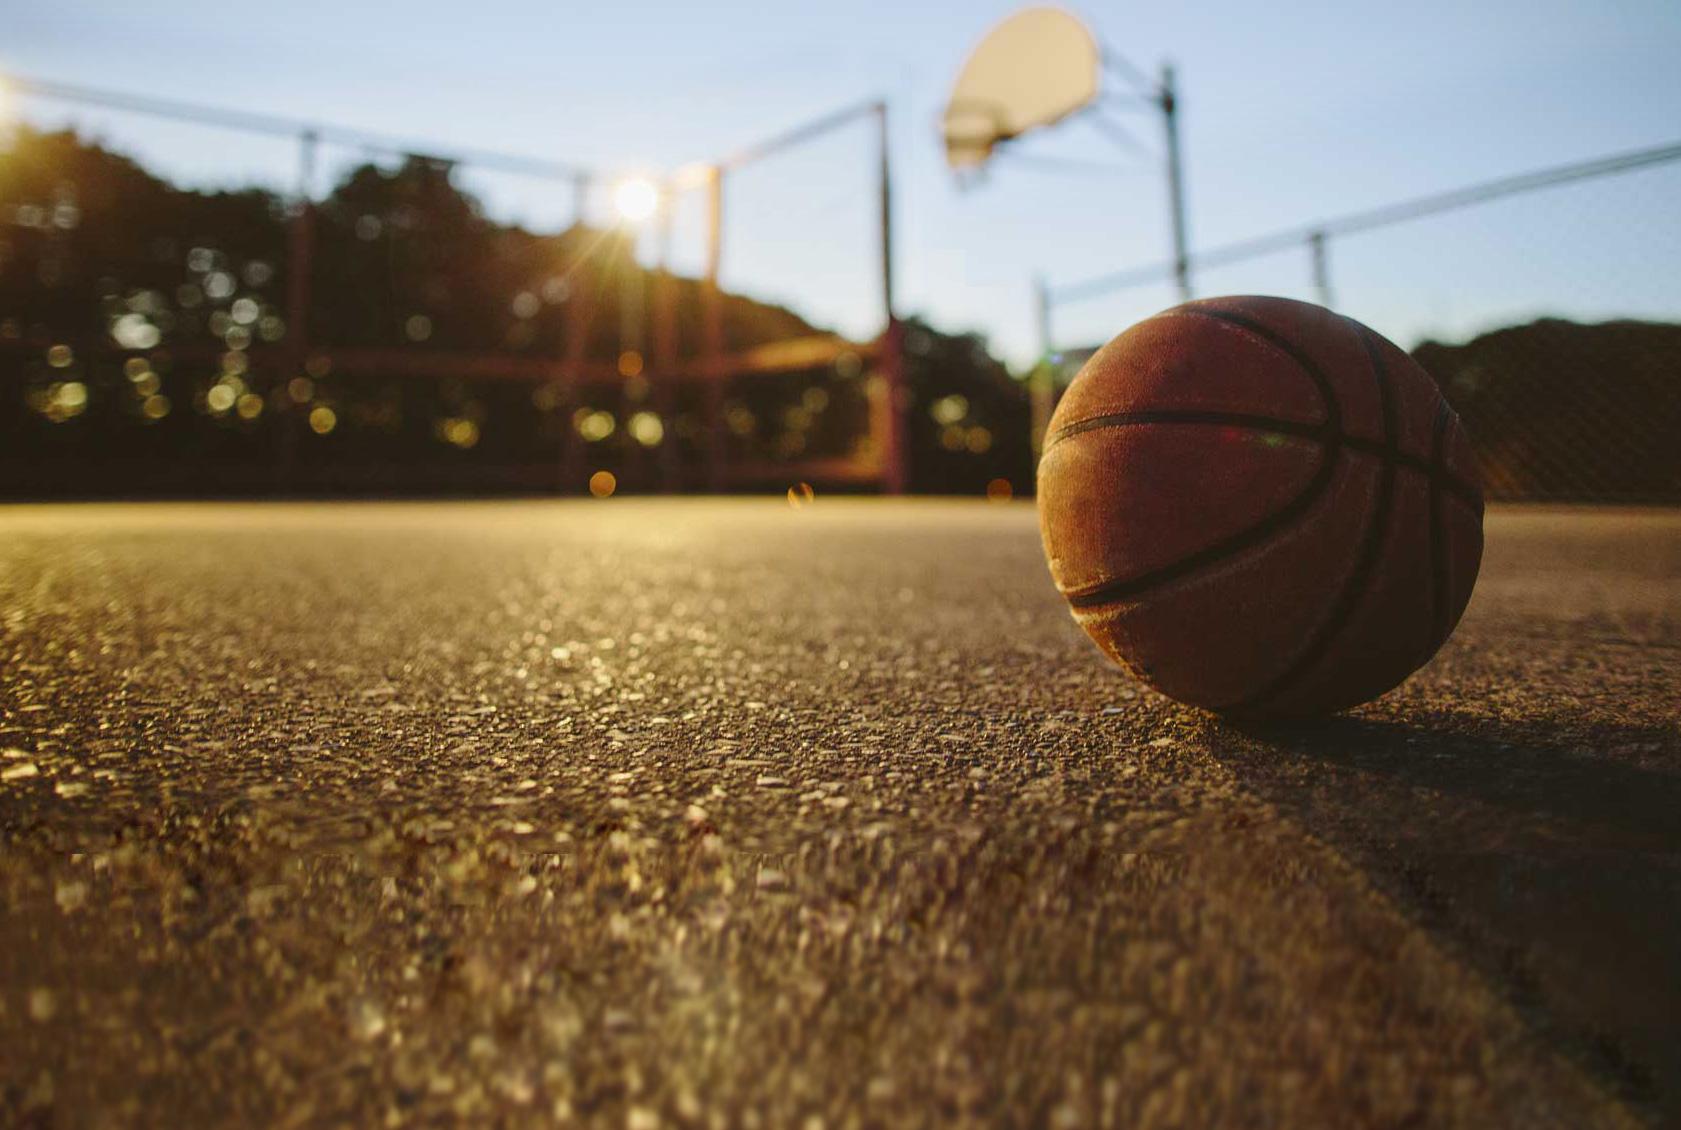 BBQ Sauce Ball on court